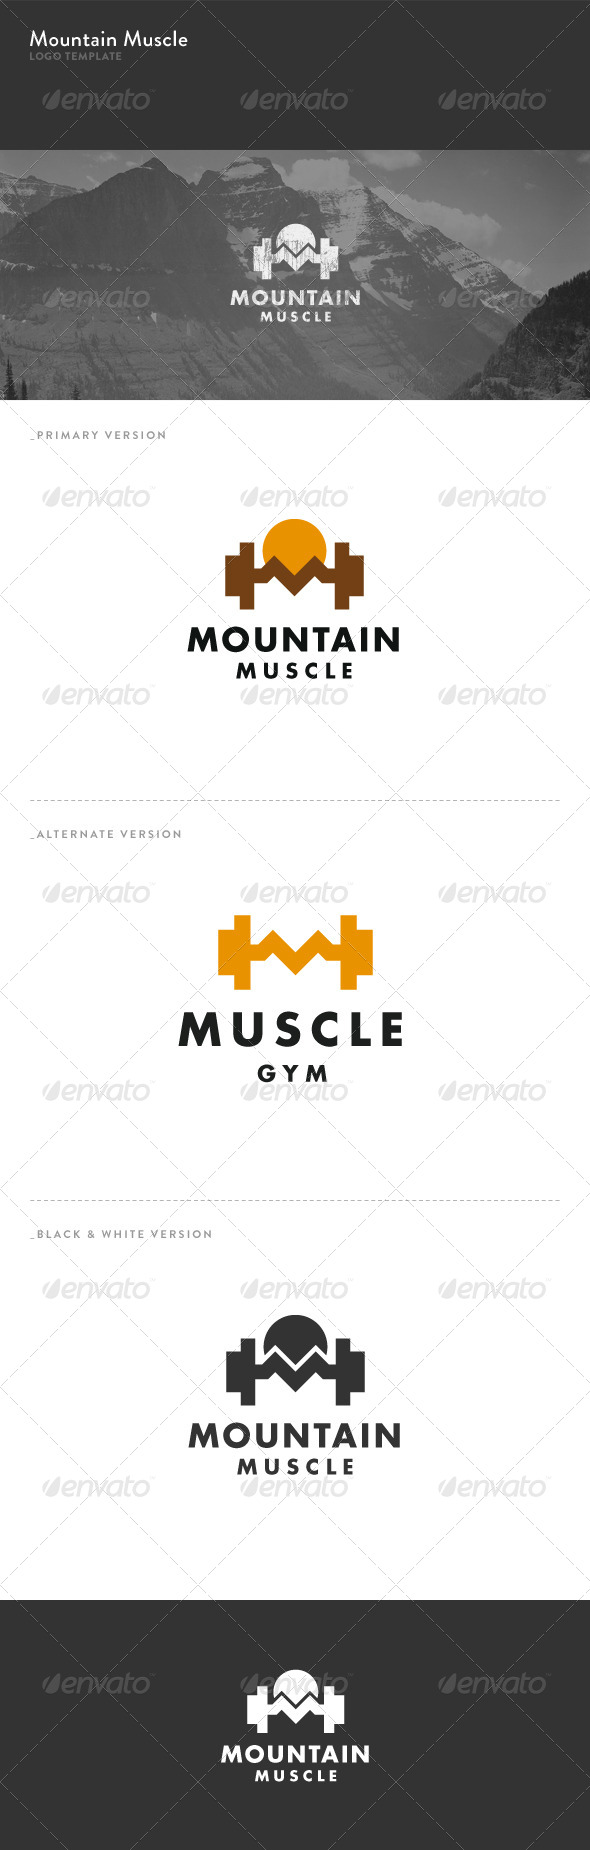 Mountain Muscle Logo